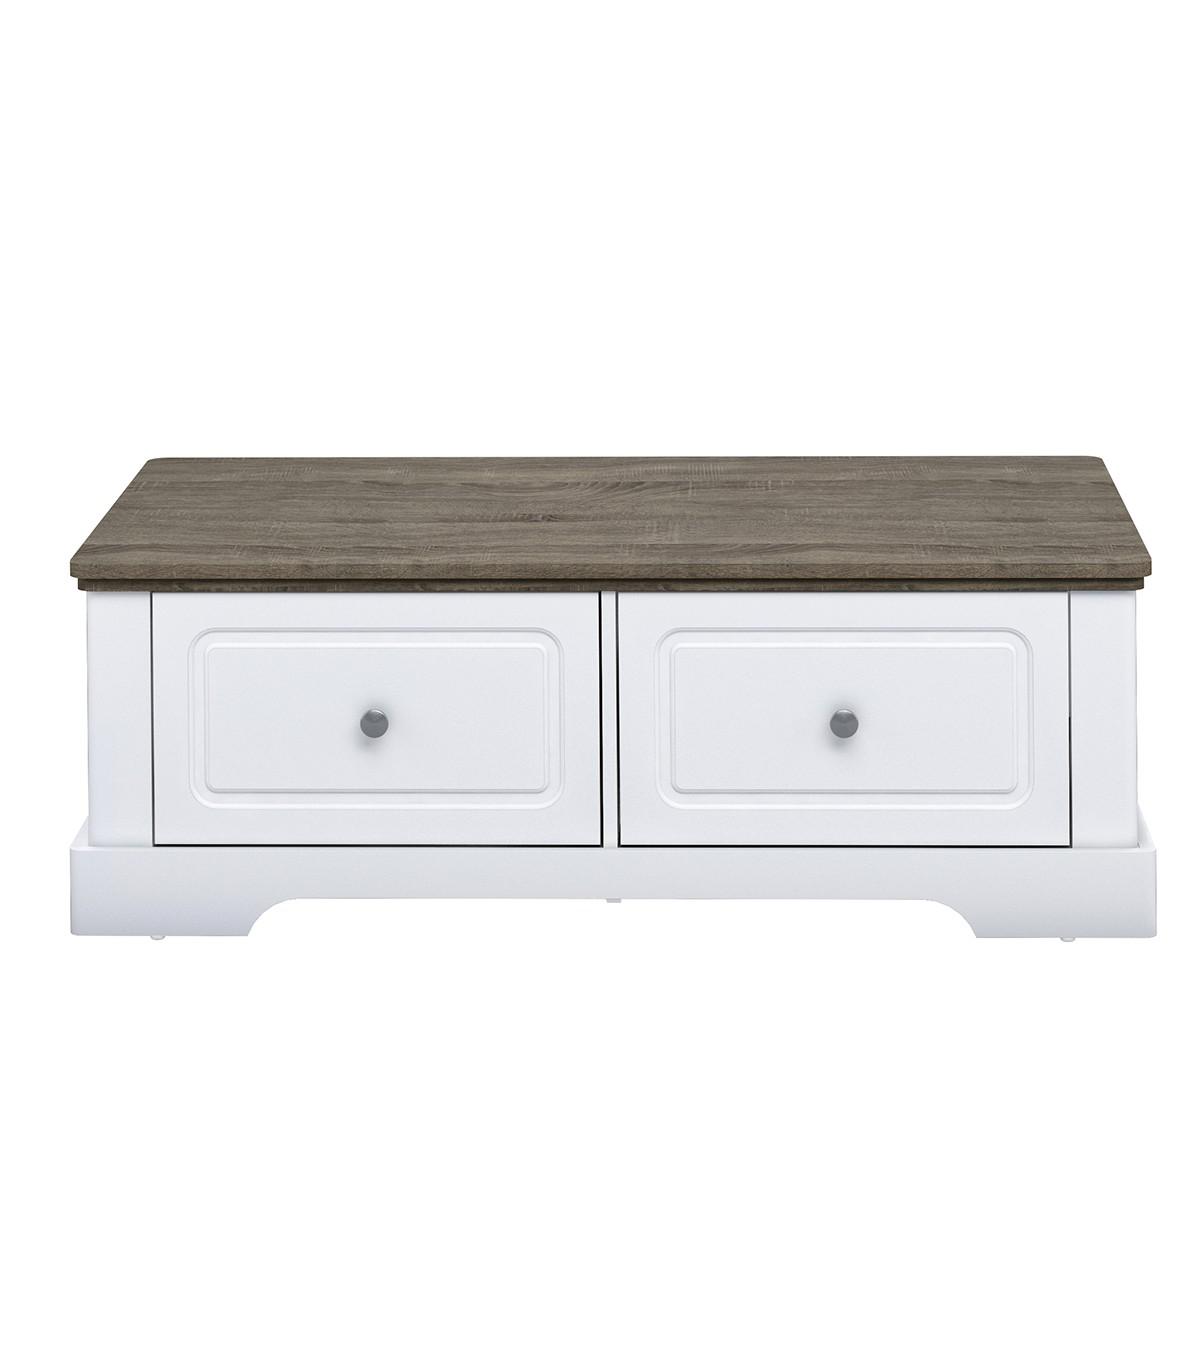 Table basse en bois avec 2 grands tiroirs L114,5cm - Blanc